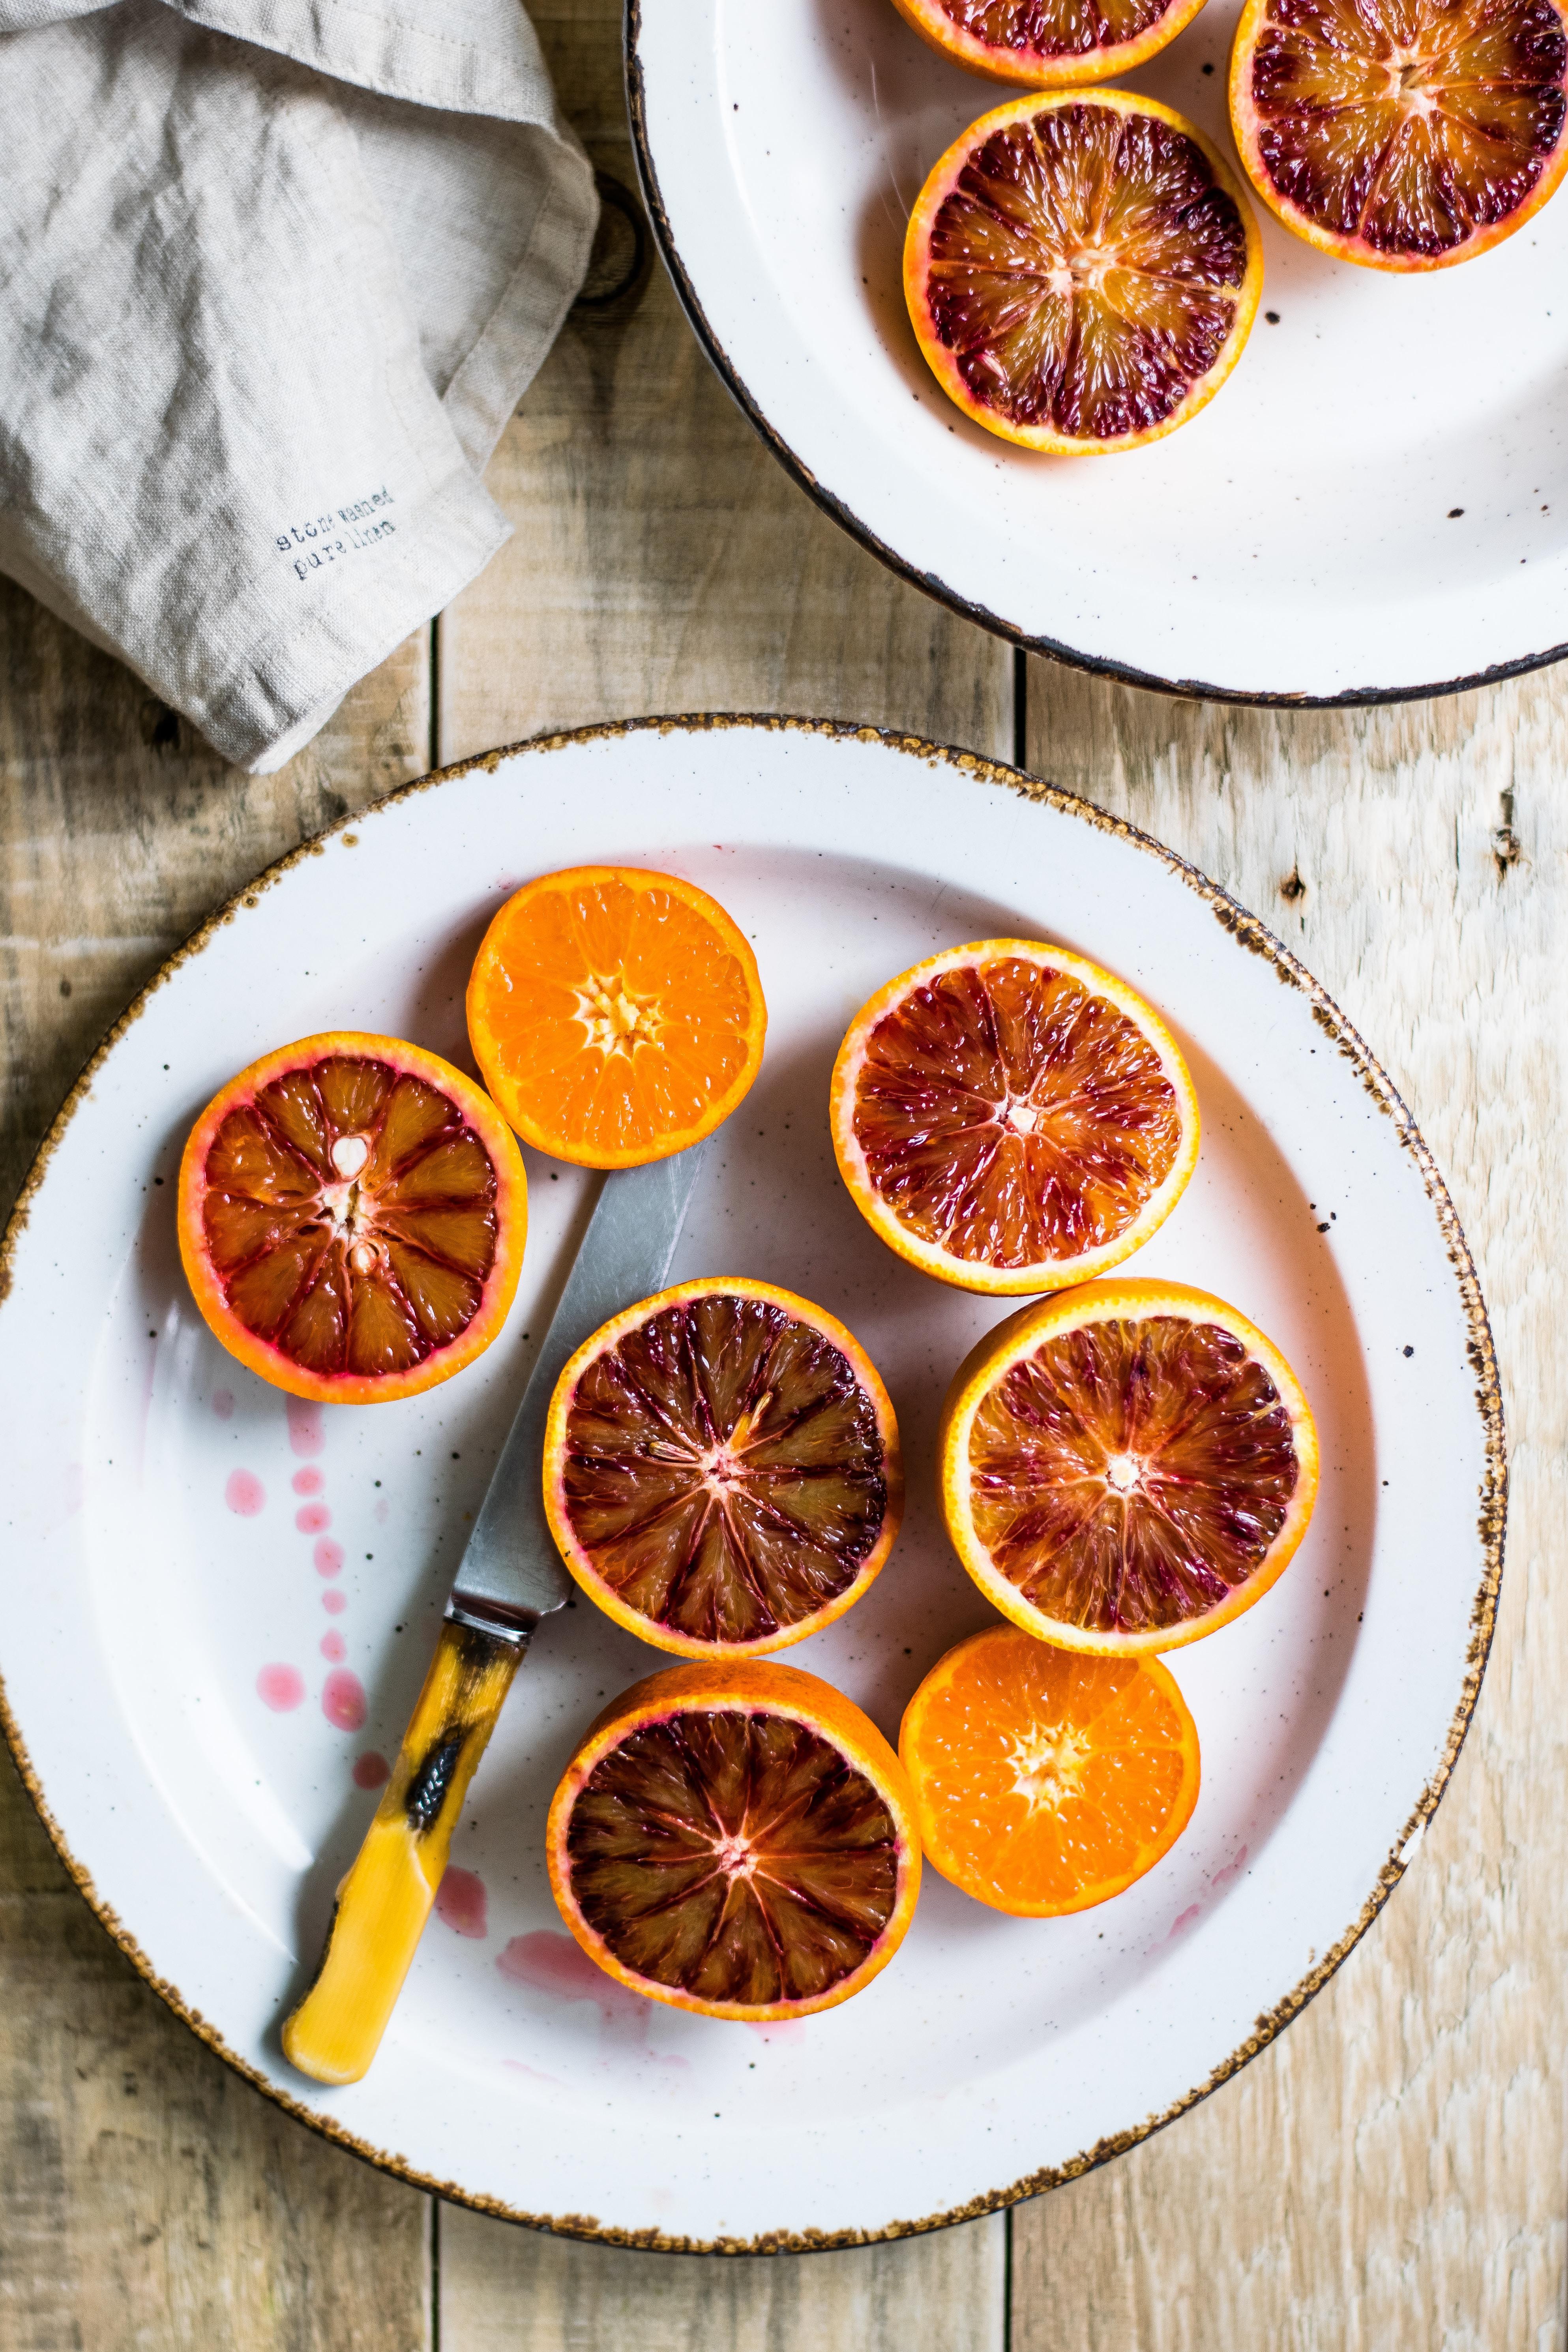 sliced oranges on white plate